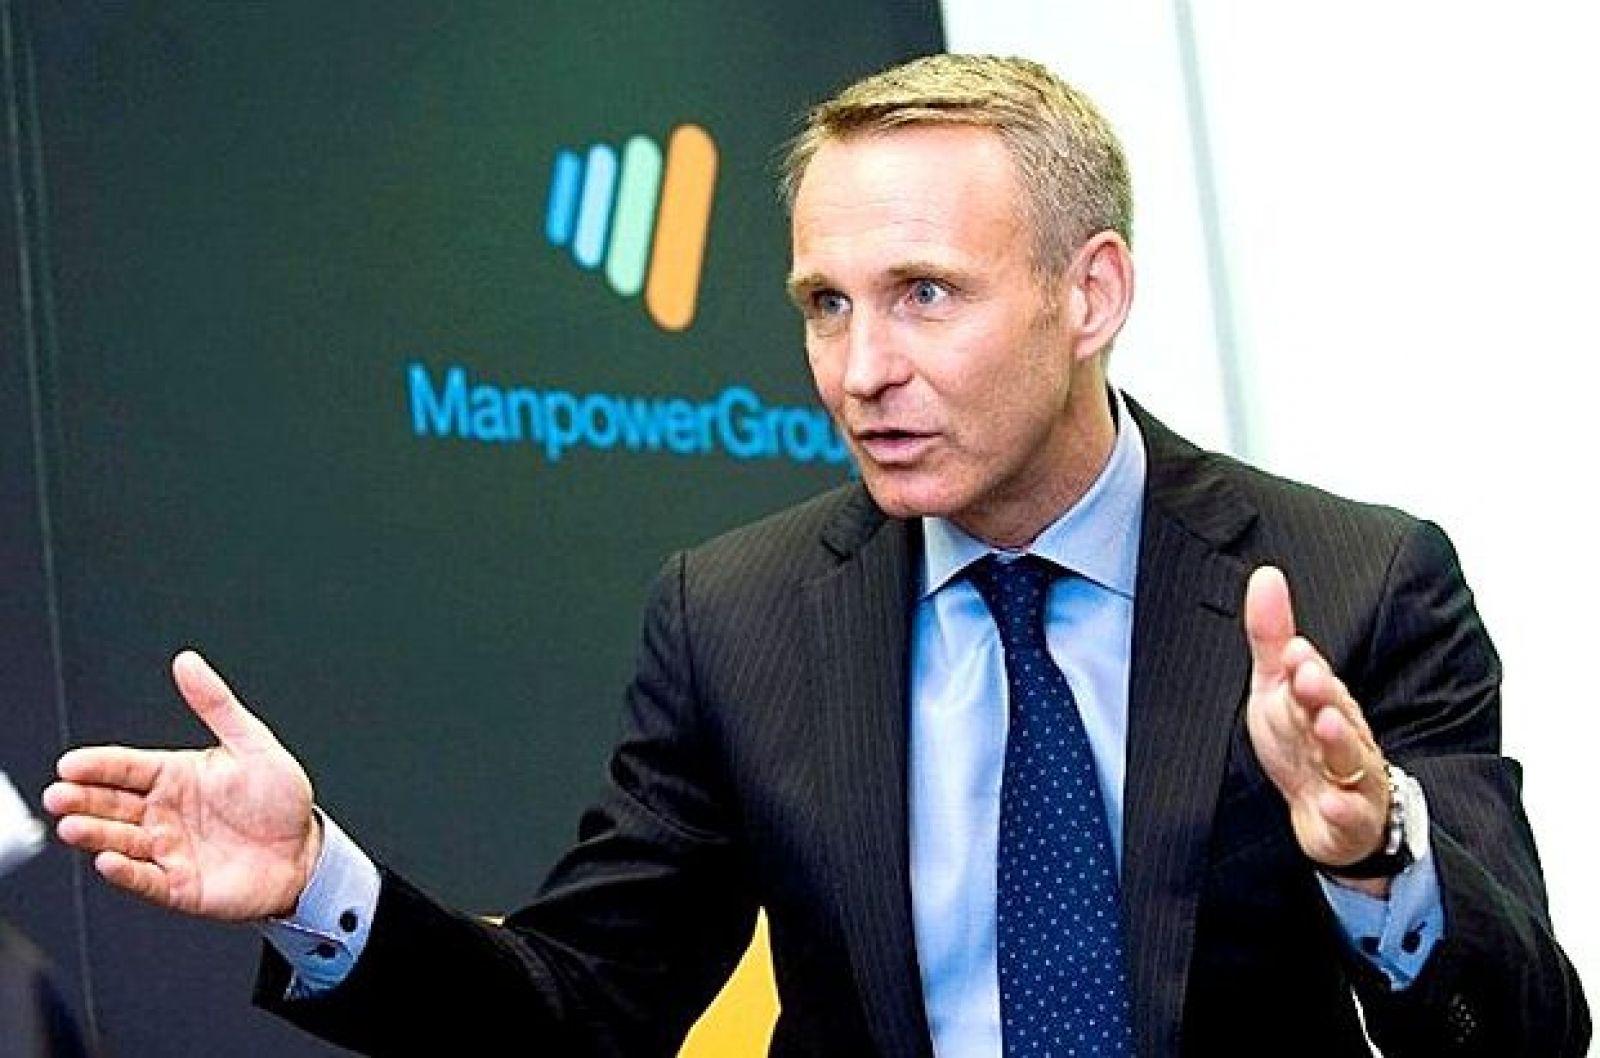 Ông Jonas Prising, CEO Tập đoàn đa quốc gia tư vấn nguồn nhân lực ManpowerGroup